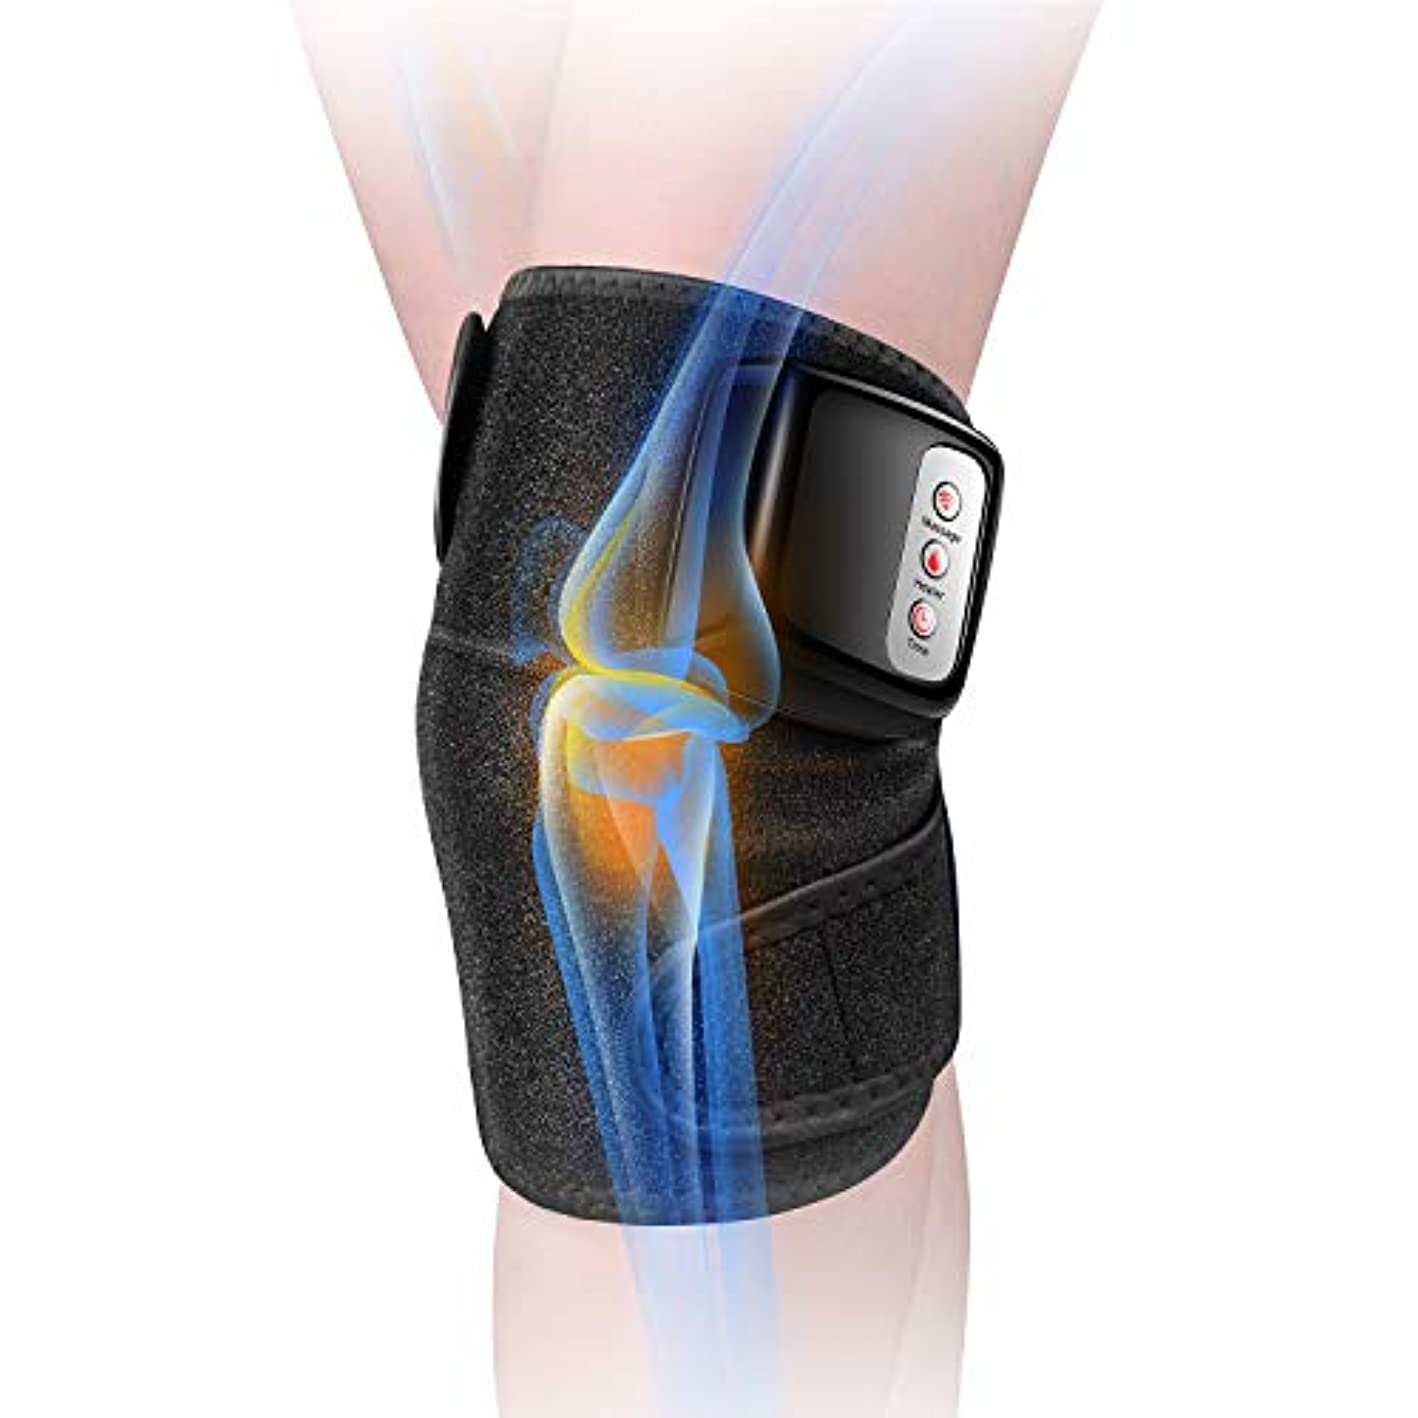 テレビに沿ってクレジット膝マッサージャー 関節マッサージャー マッサージ器 フットマッサージャー 振動 赤外線療法 温熱療法 膝サポーター ストレス解消 肩 太もも/腕対応